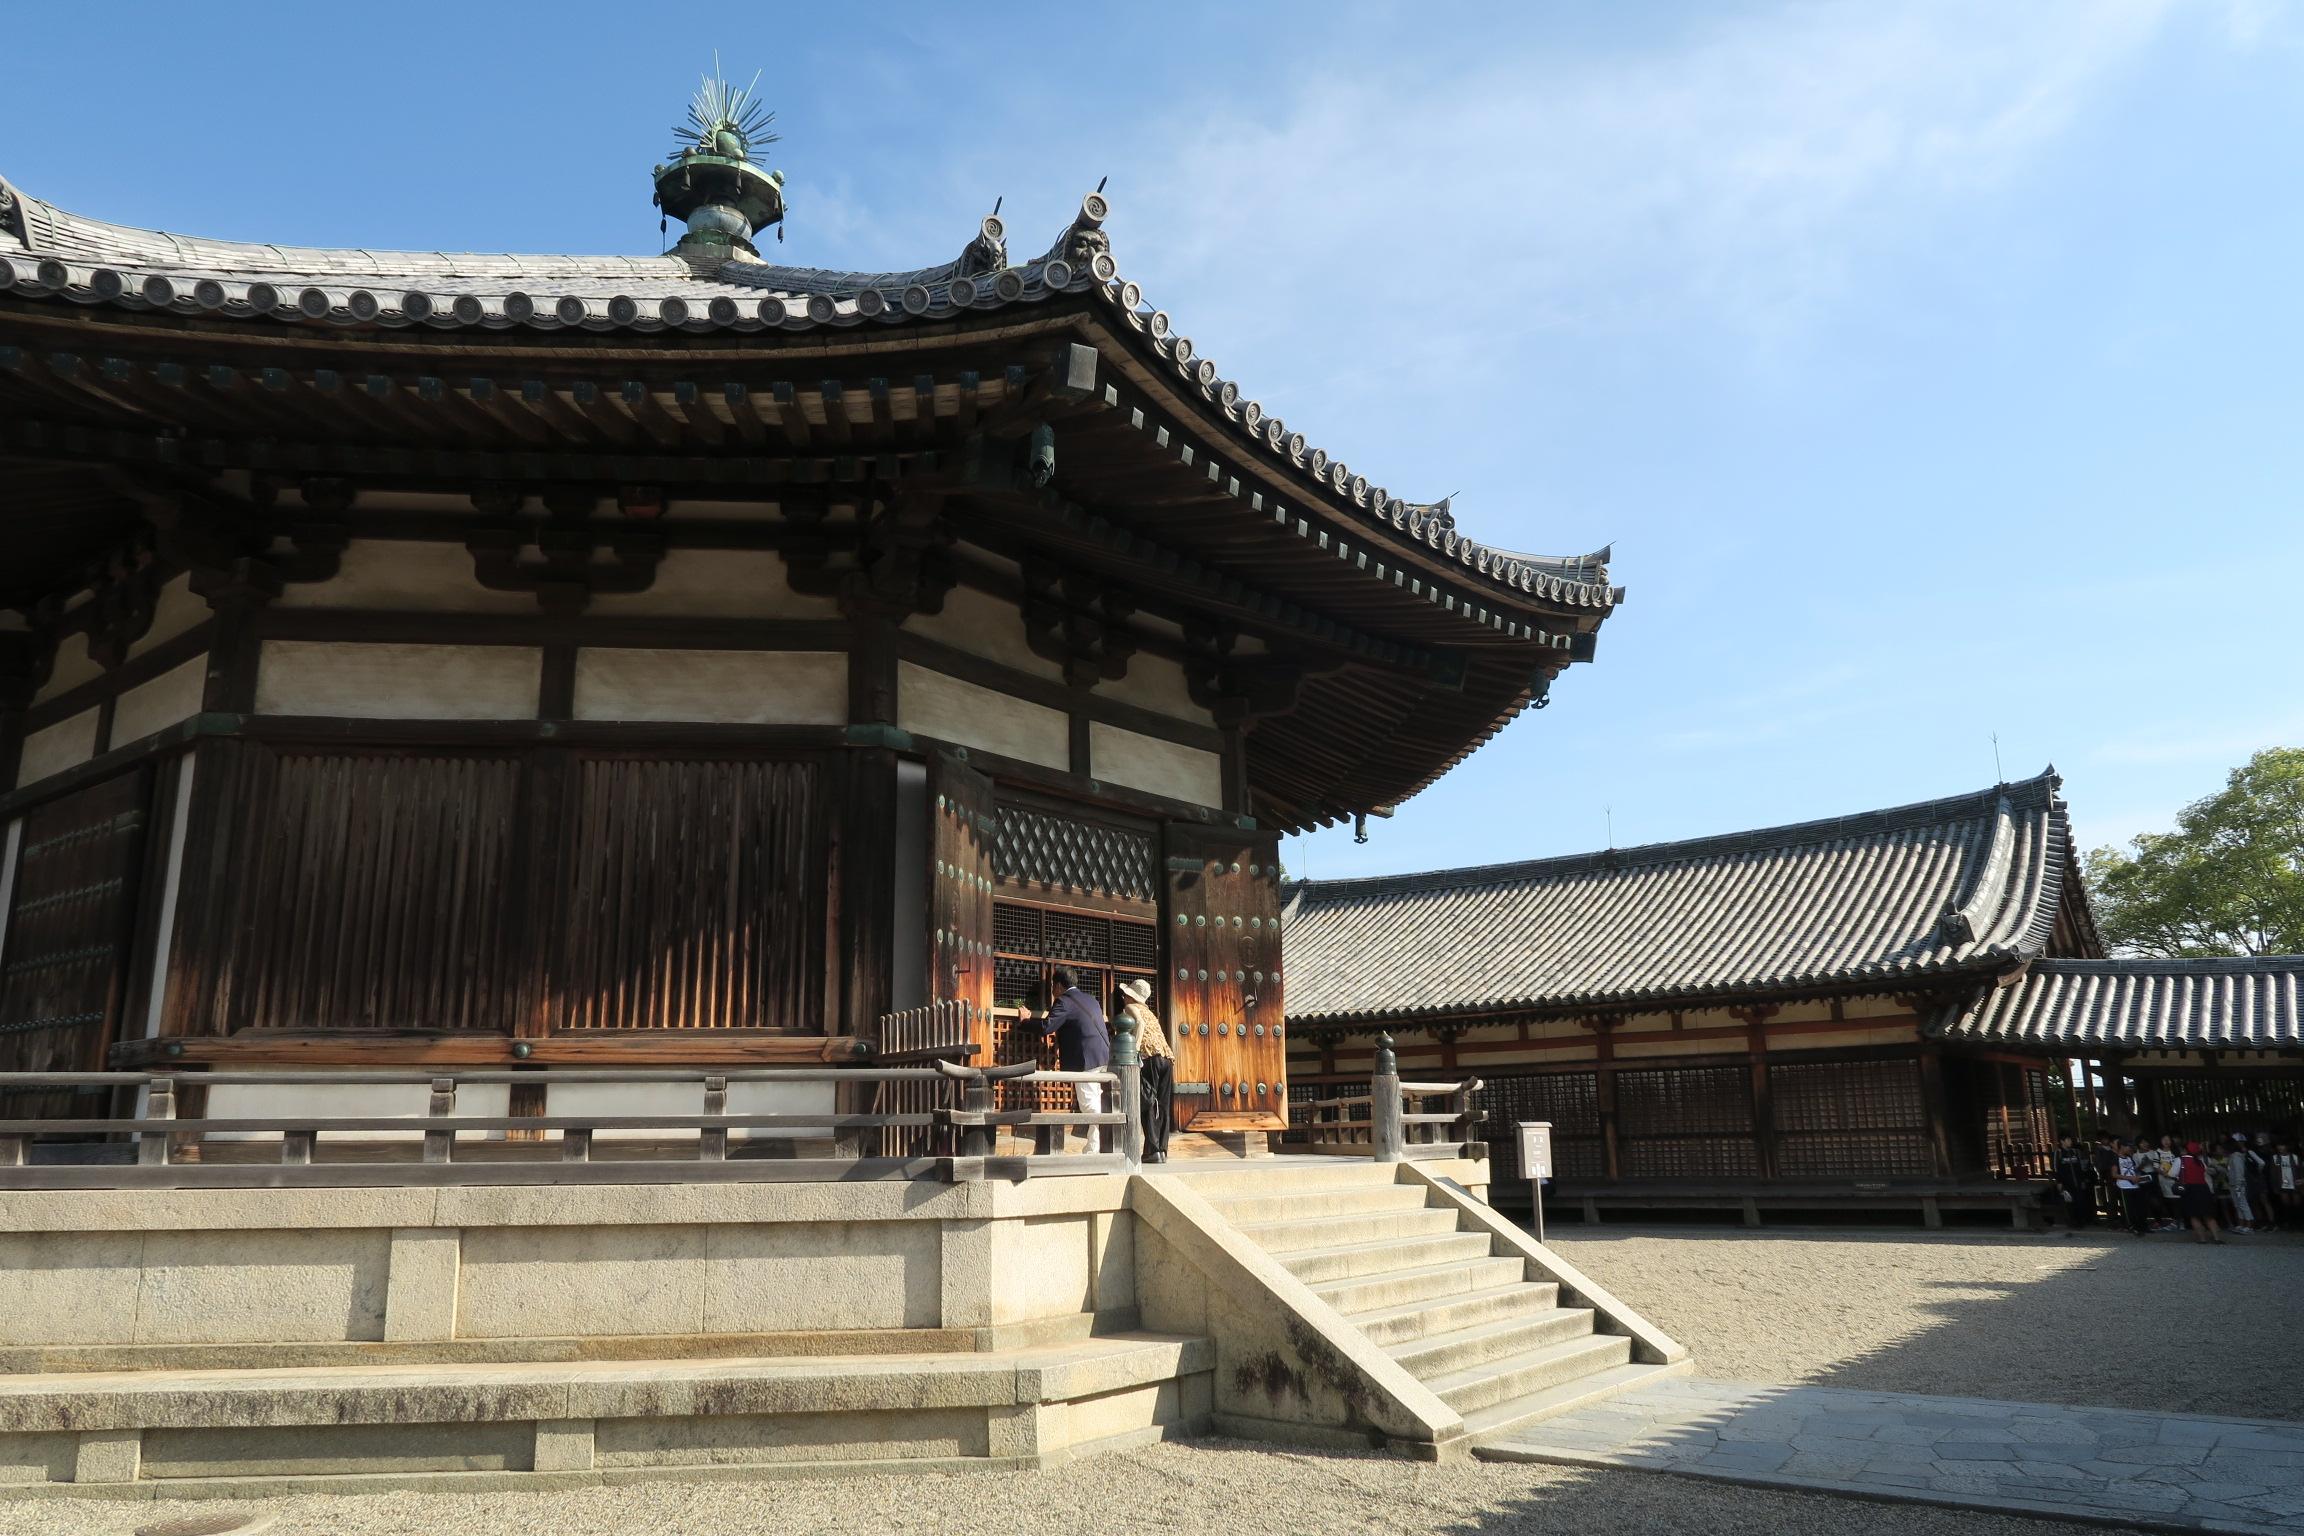 聖徳太子の菩提を弔うために建造されたといわれている国宝の夢殿。